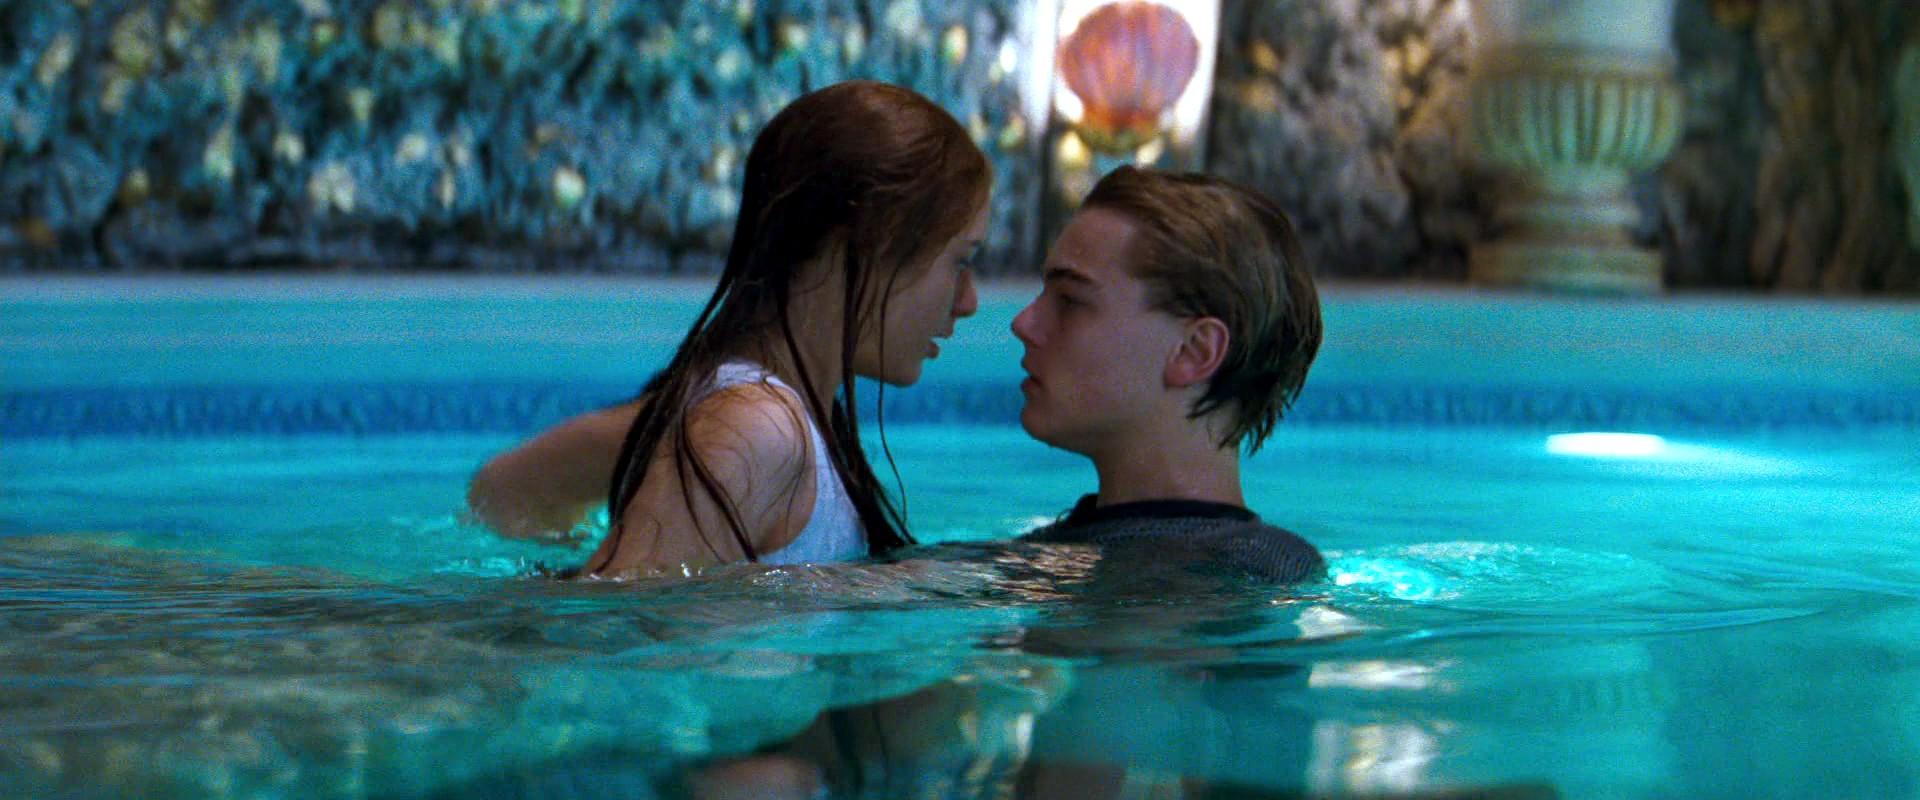 6 motivi per cui il sesso in acqua non è eccitante come vogliono farci credere